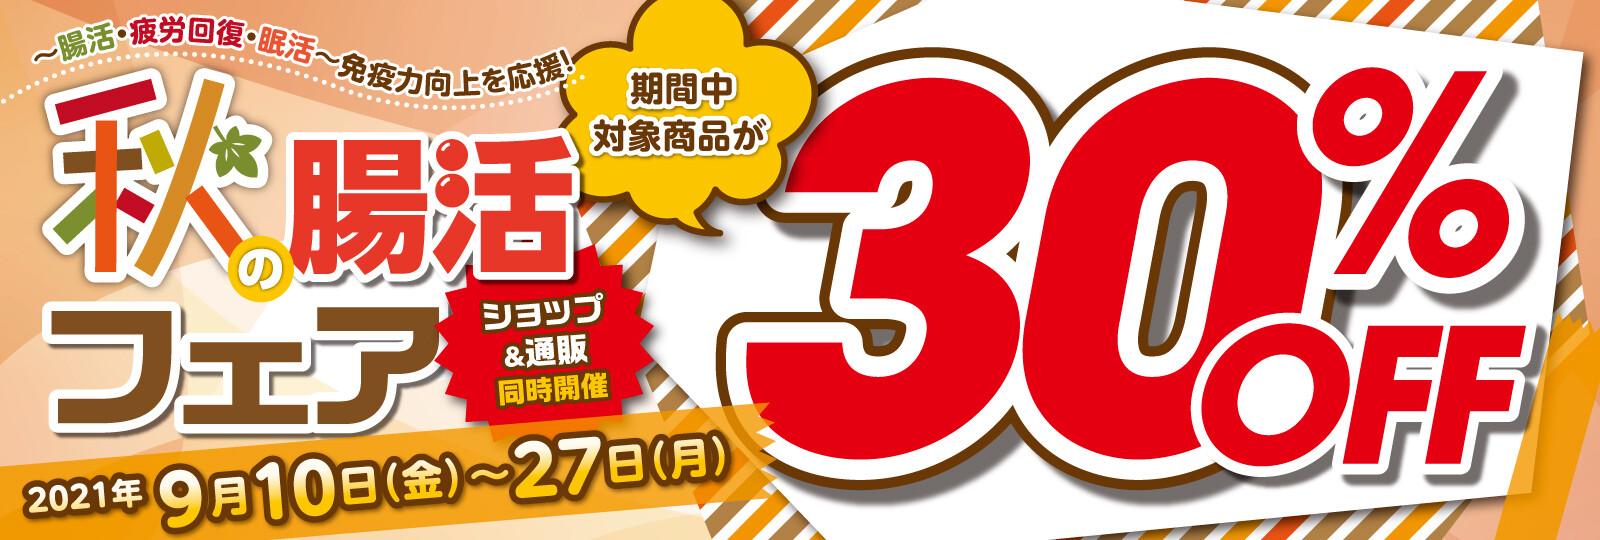 4katsu_choukatsu-fair-202109.jpg